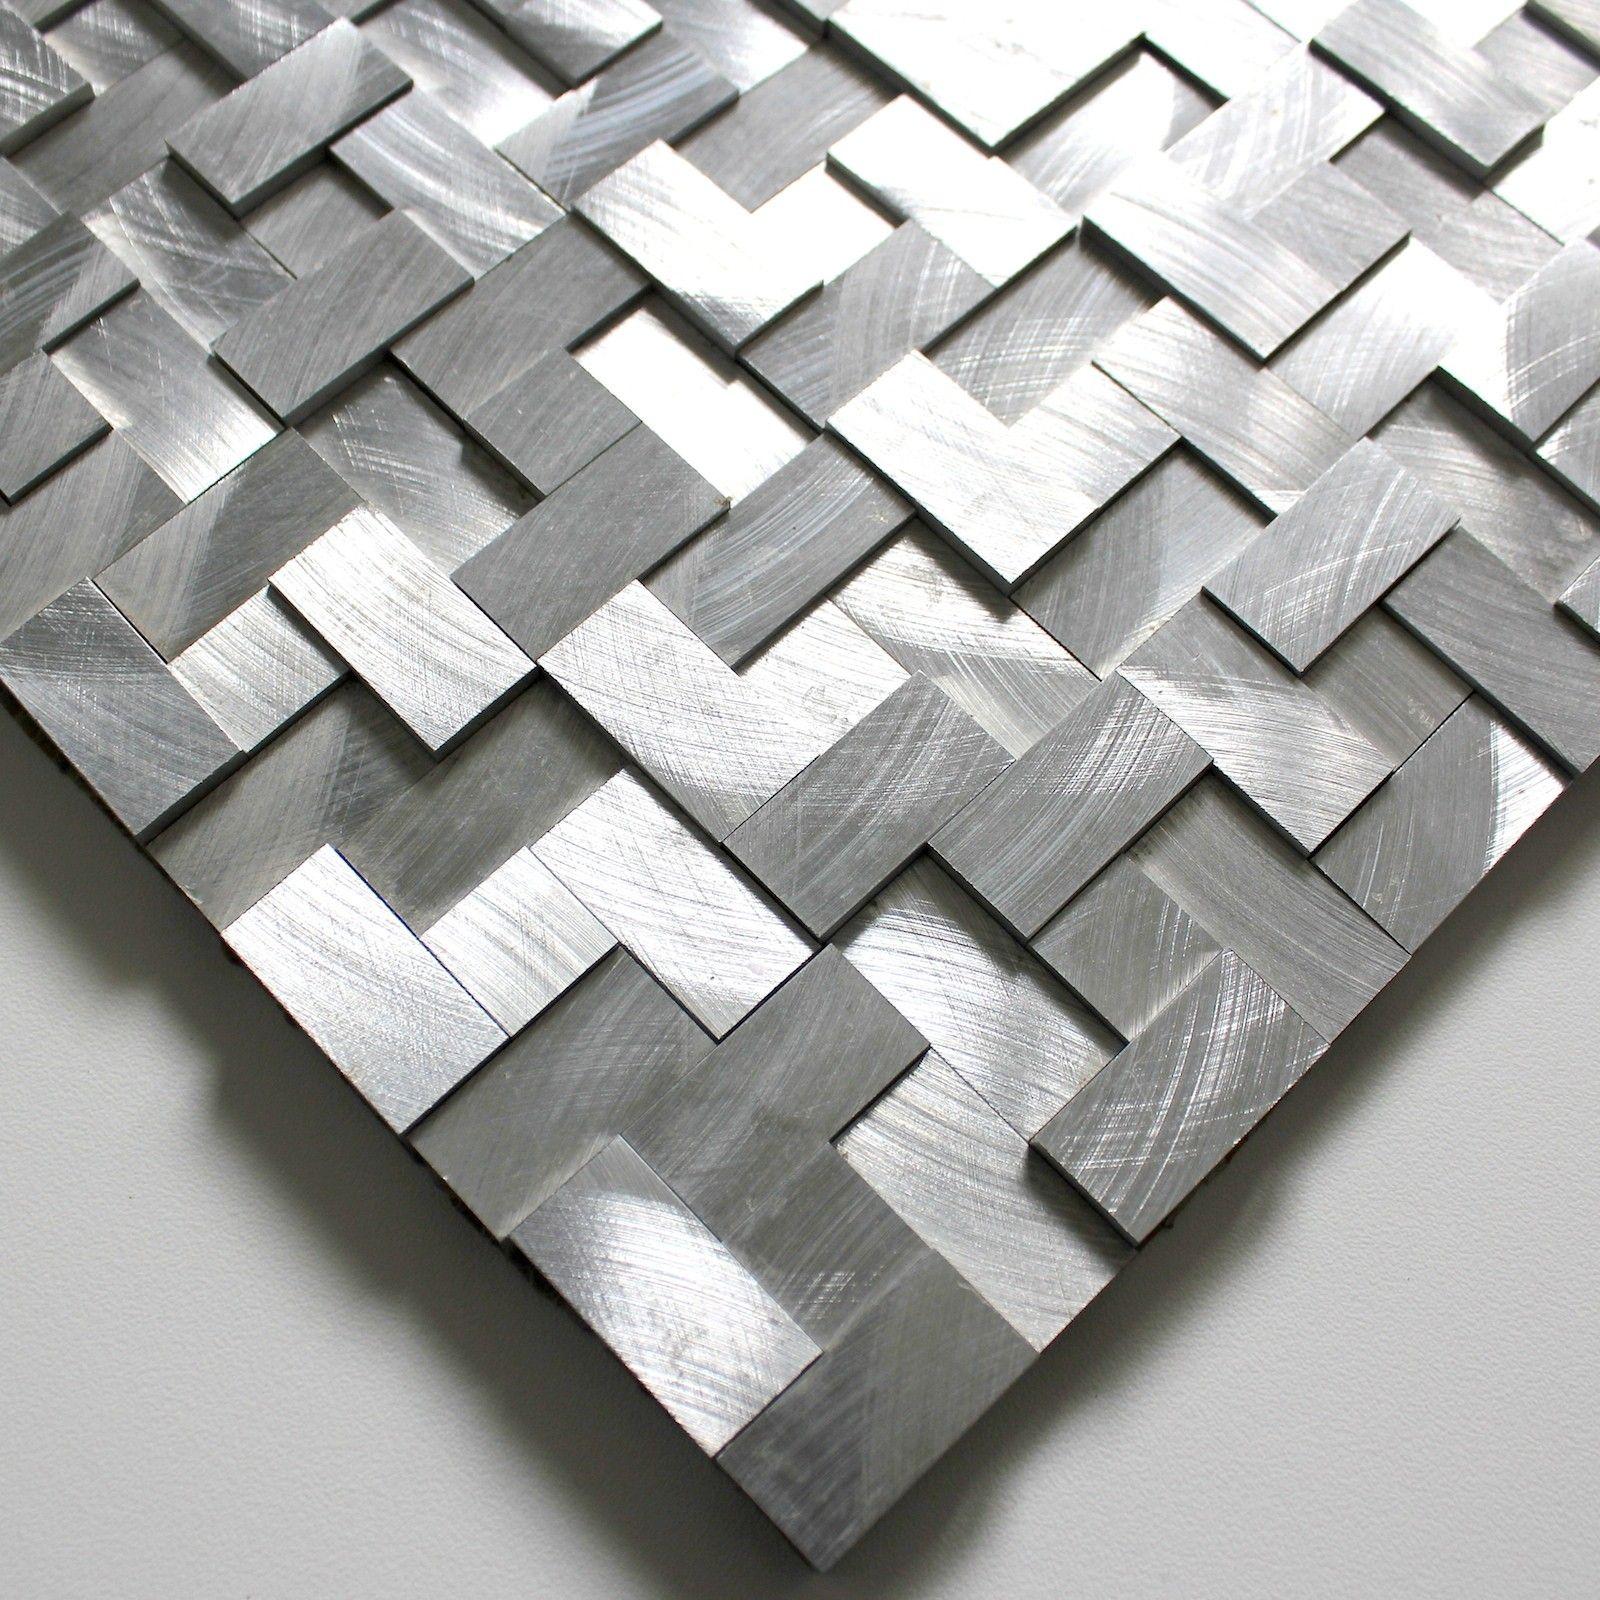 Plaque Mosaique Aluminium Carrelage Cuisine Credence Sekret Carrelage Inox Fr Credence Cuisine Carrelage Mosaique Carrelage Cuisine